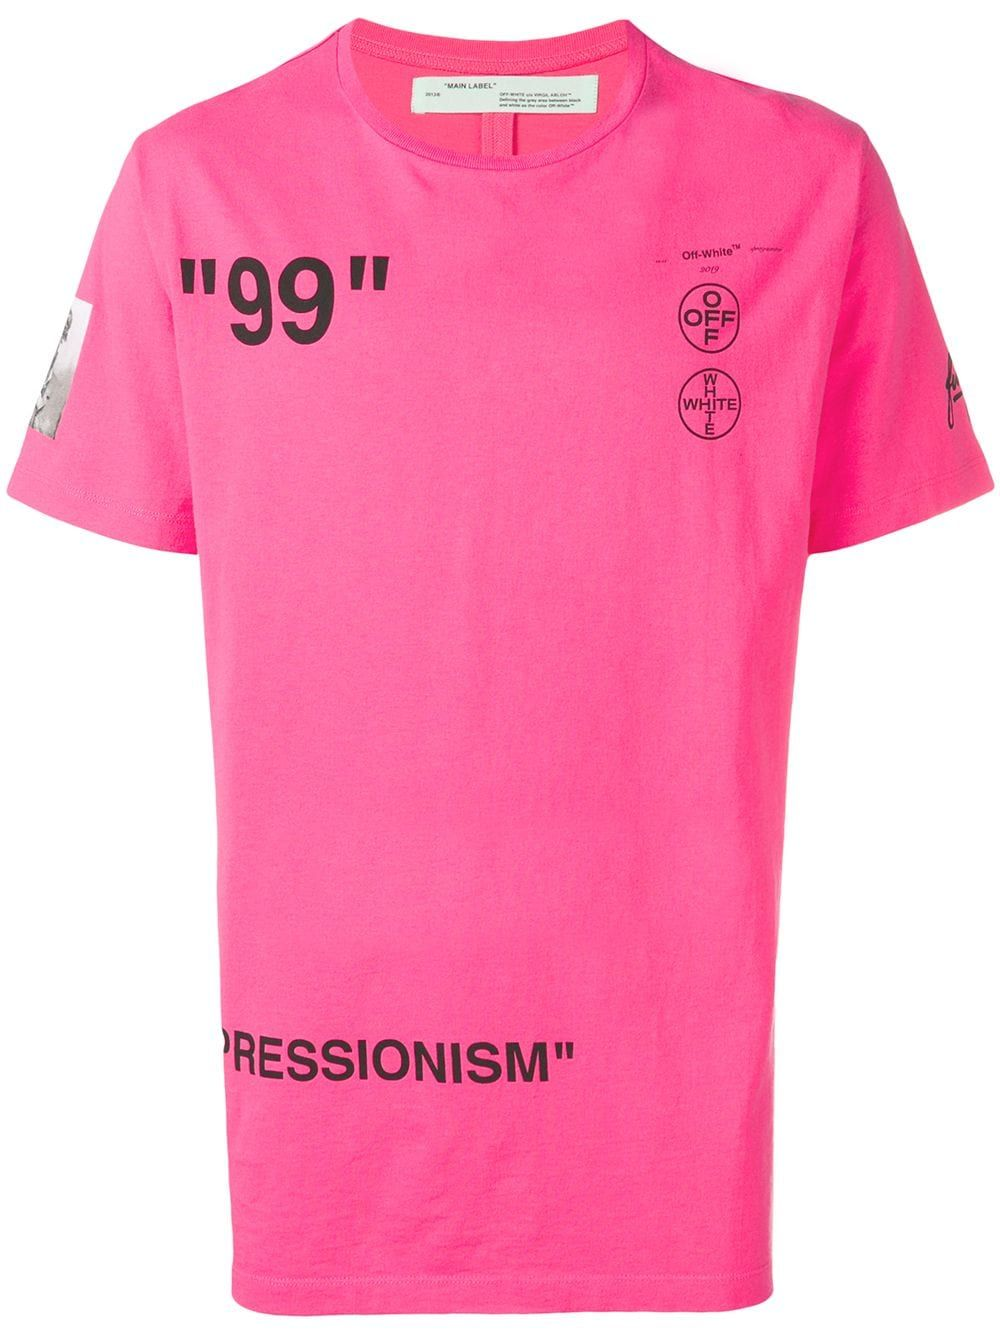 9f698d53d615cf1cf3d151839208ad29 - How To Get Pink Out Of A White T Shirt